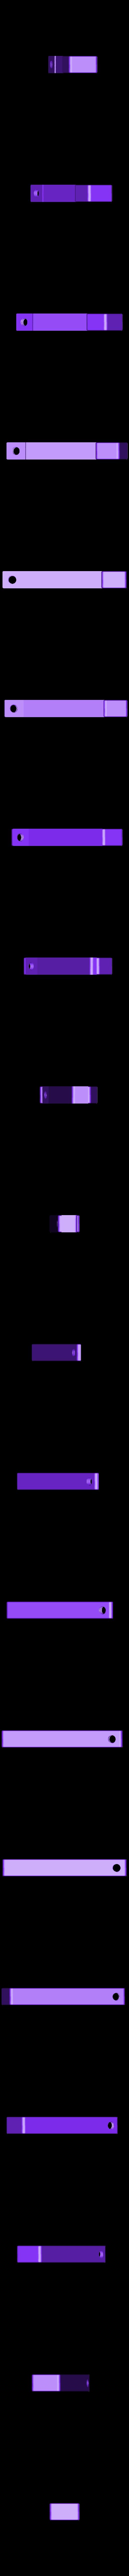 LONG HOOK-v2.stl Télécharger fichier STL gratuit Support modulaire à suspendre • Plan à imprimer en 3D, OrnjCreate